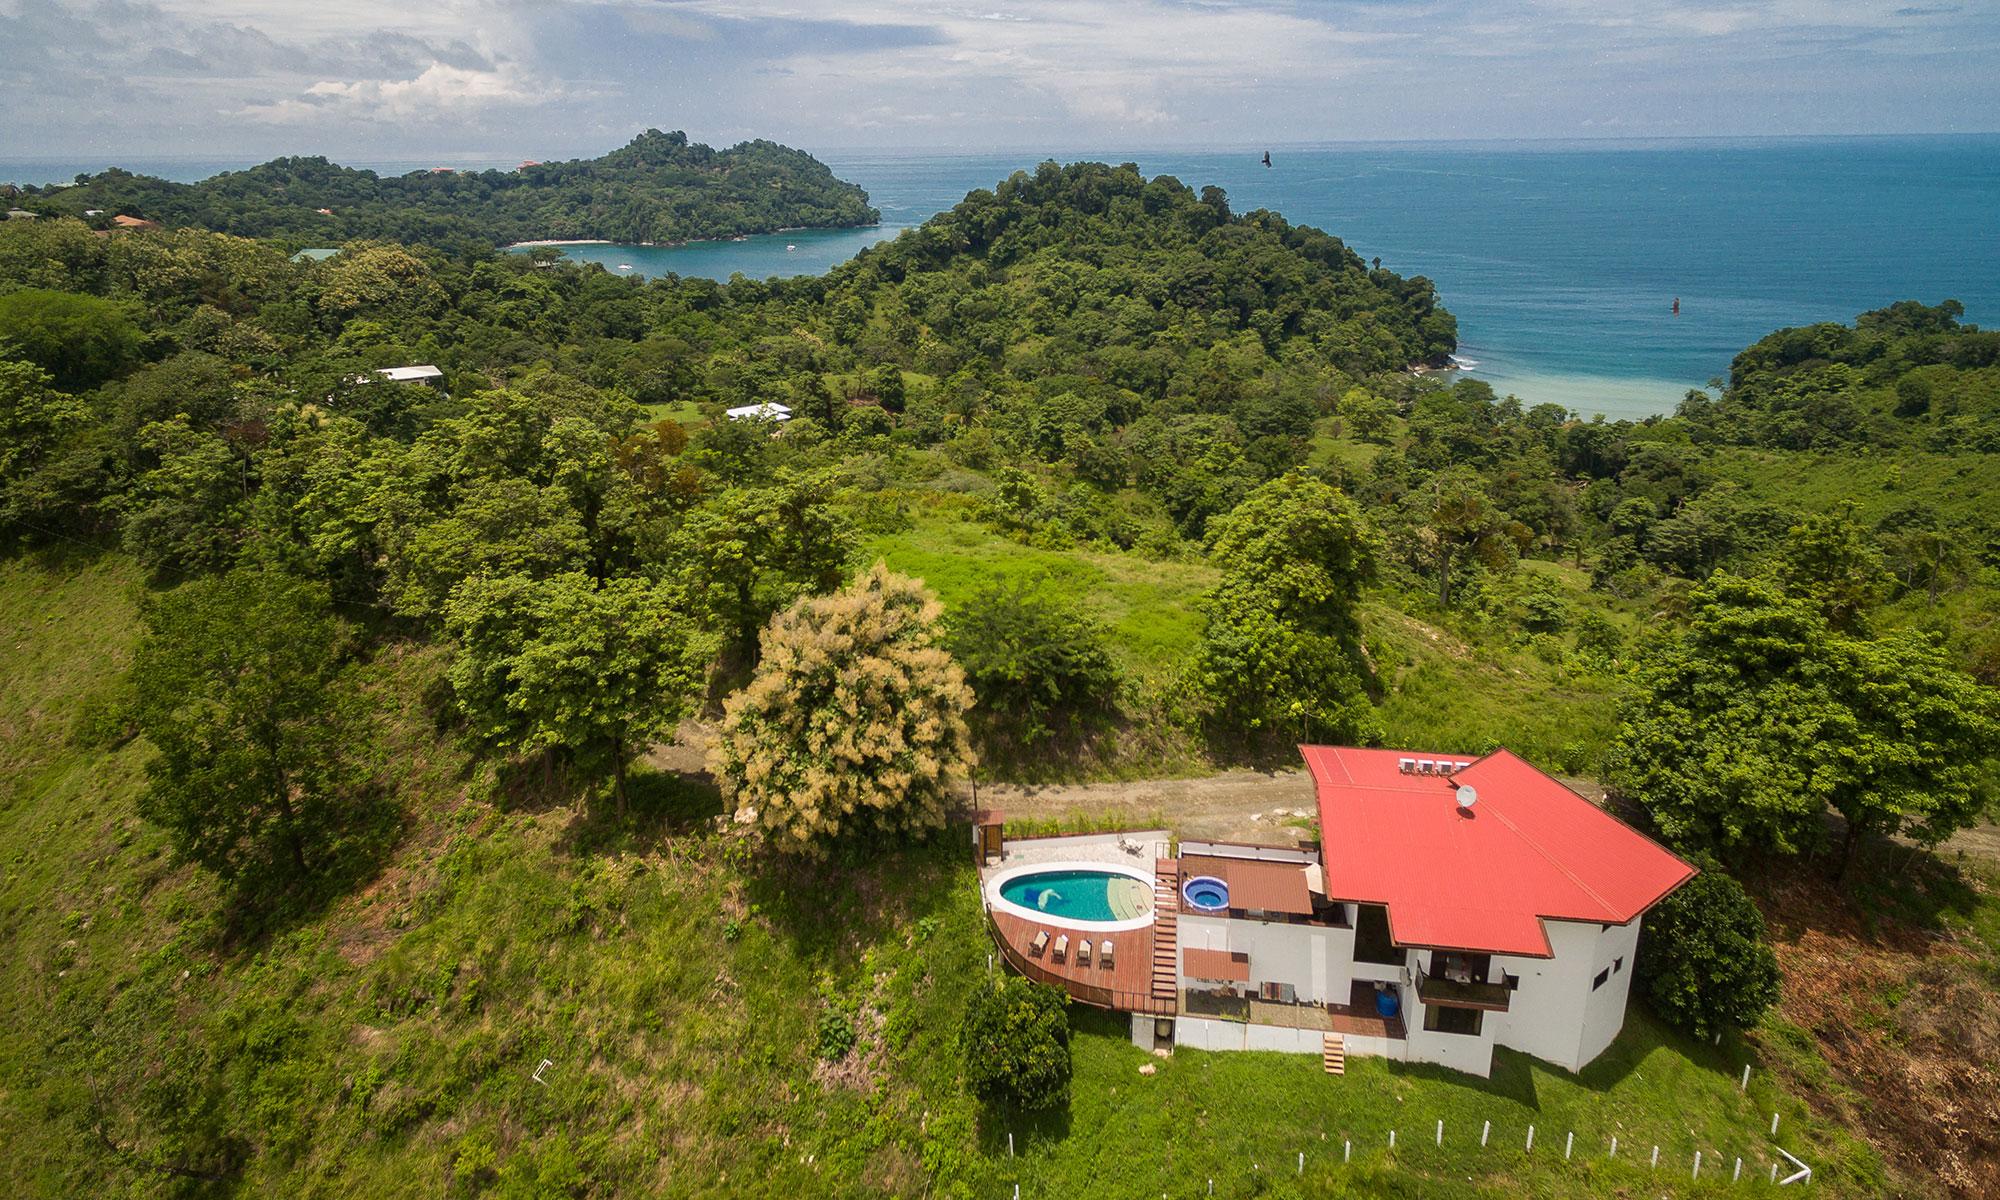 Casa Wyrica aerial